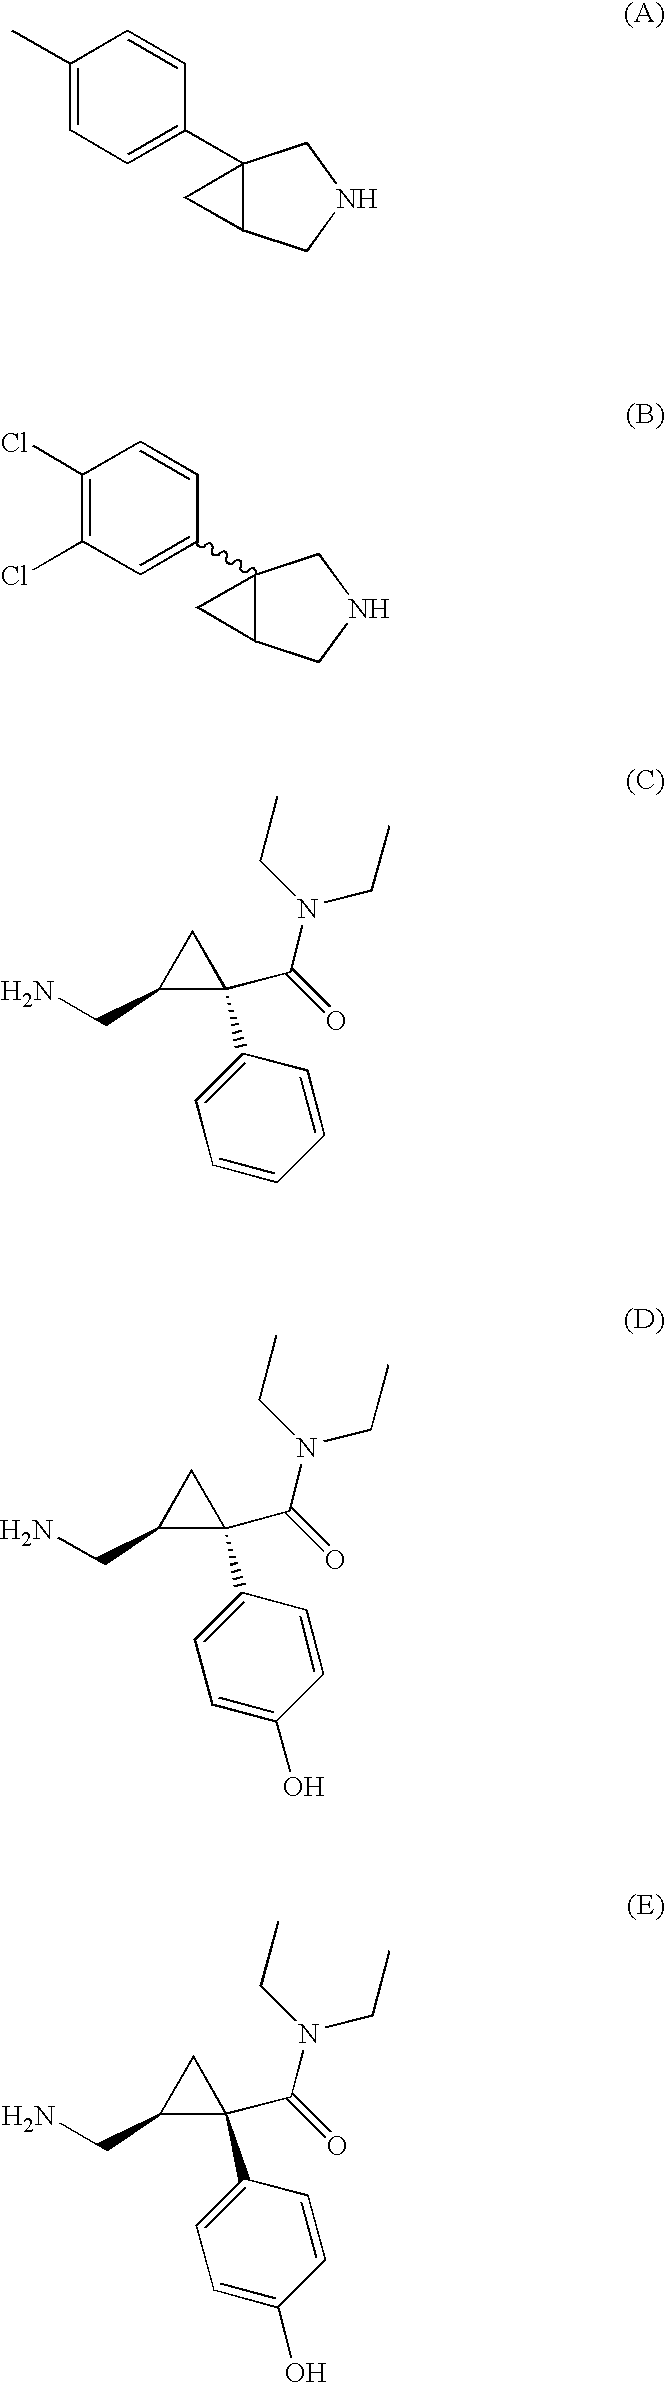 Figure US20050282859A1-20051222-C00081